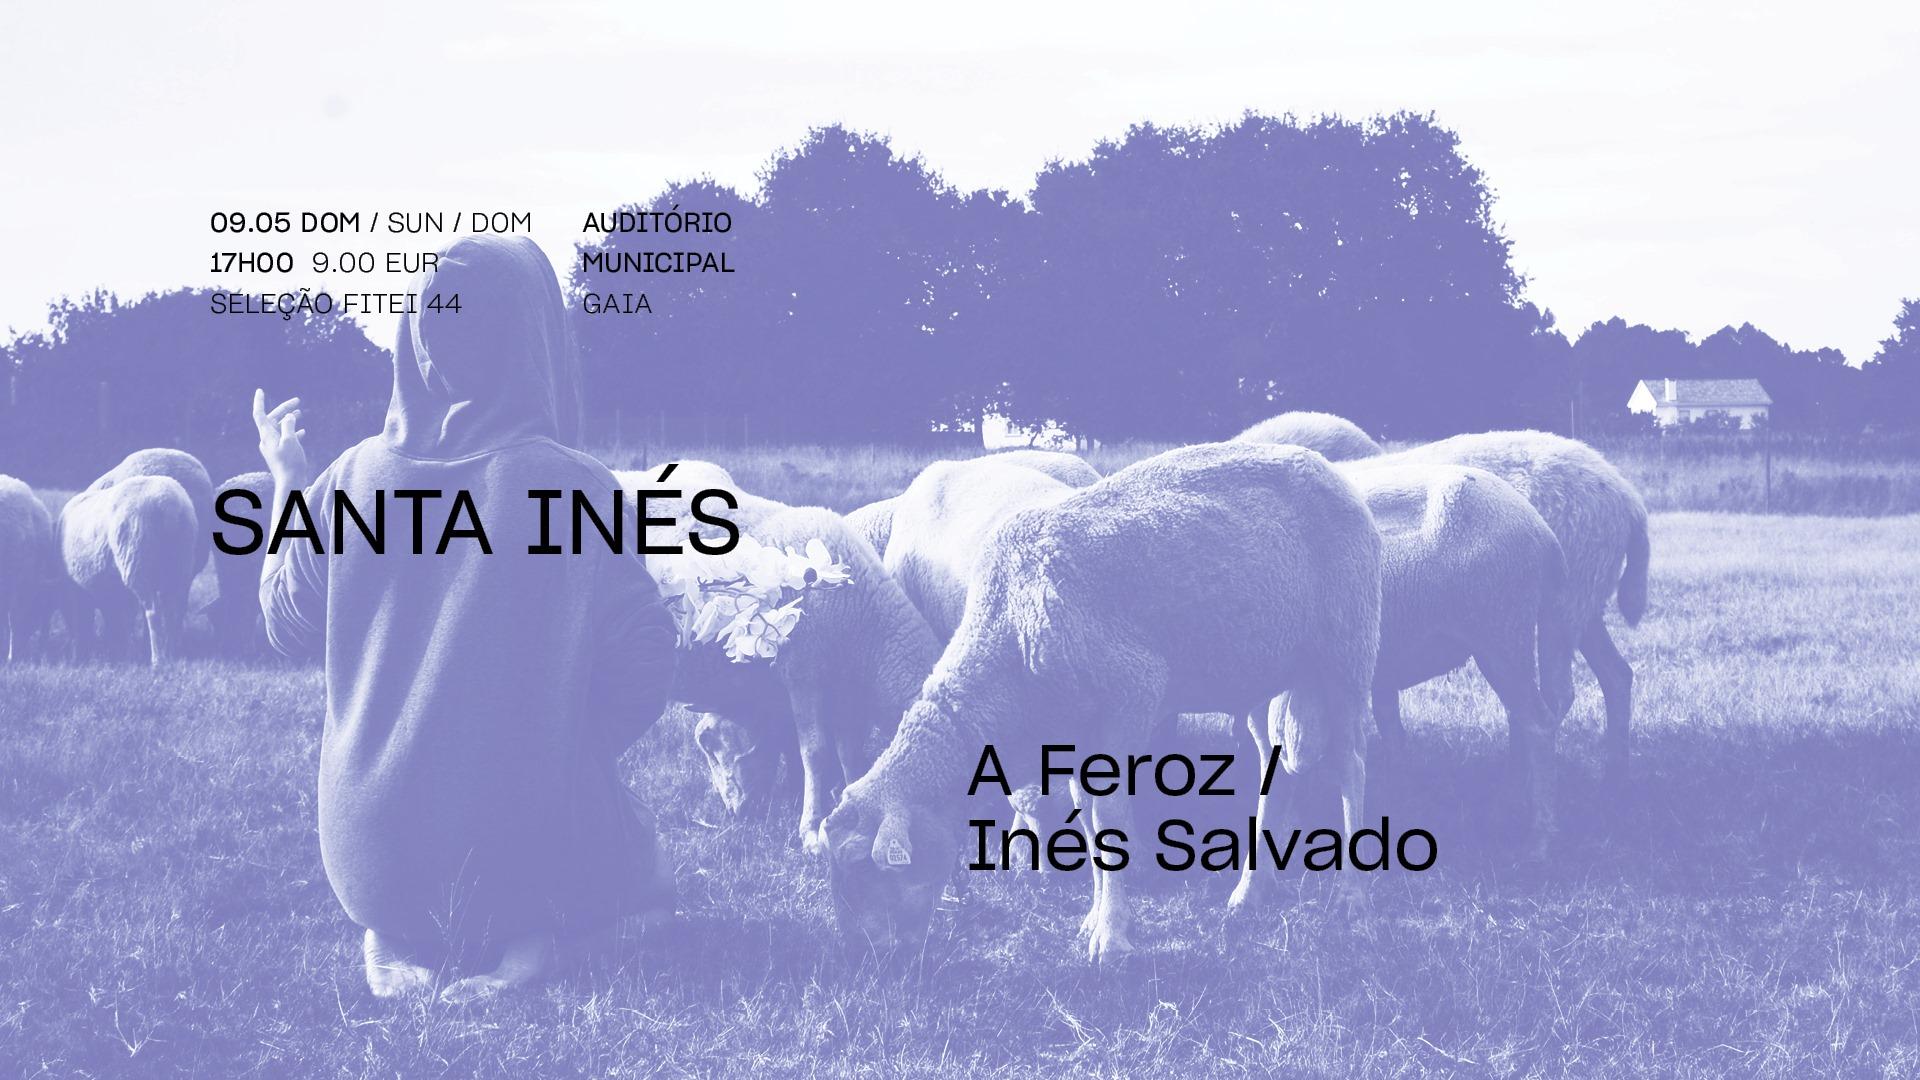 Santa Inés • A FEROZ / INÉS SALVADO | FITEI 2021